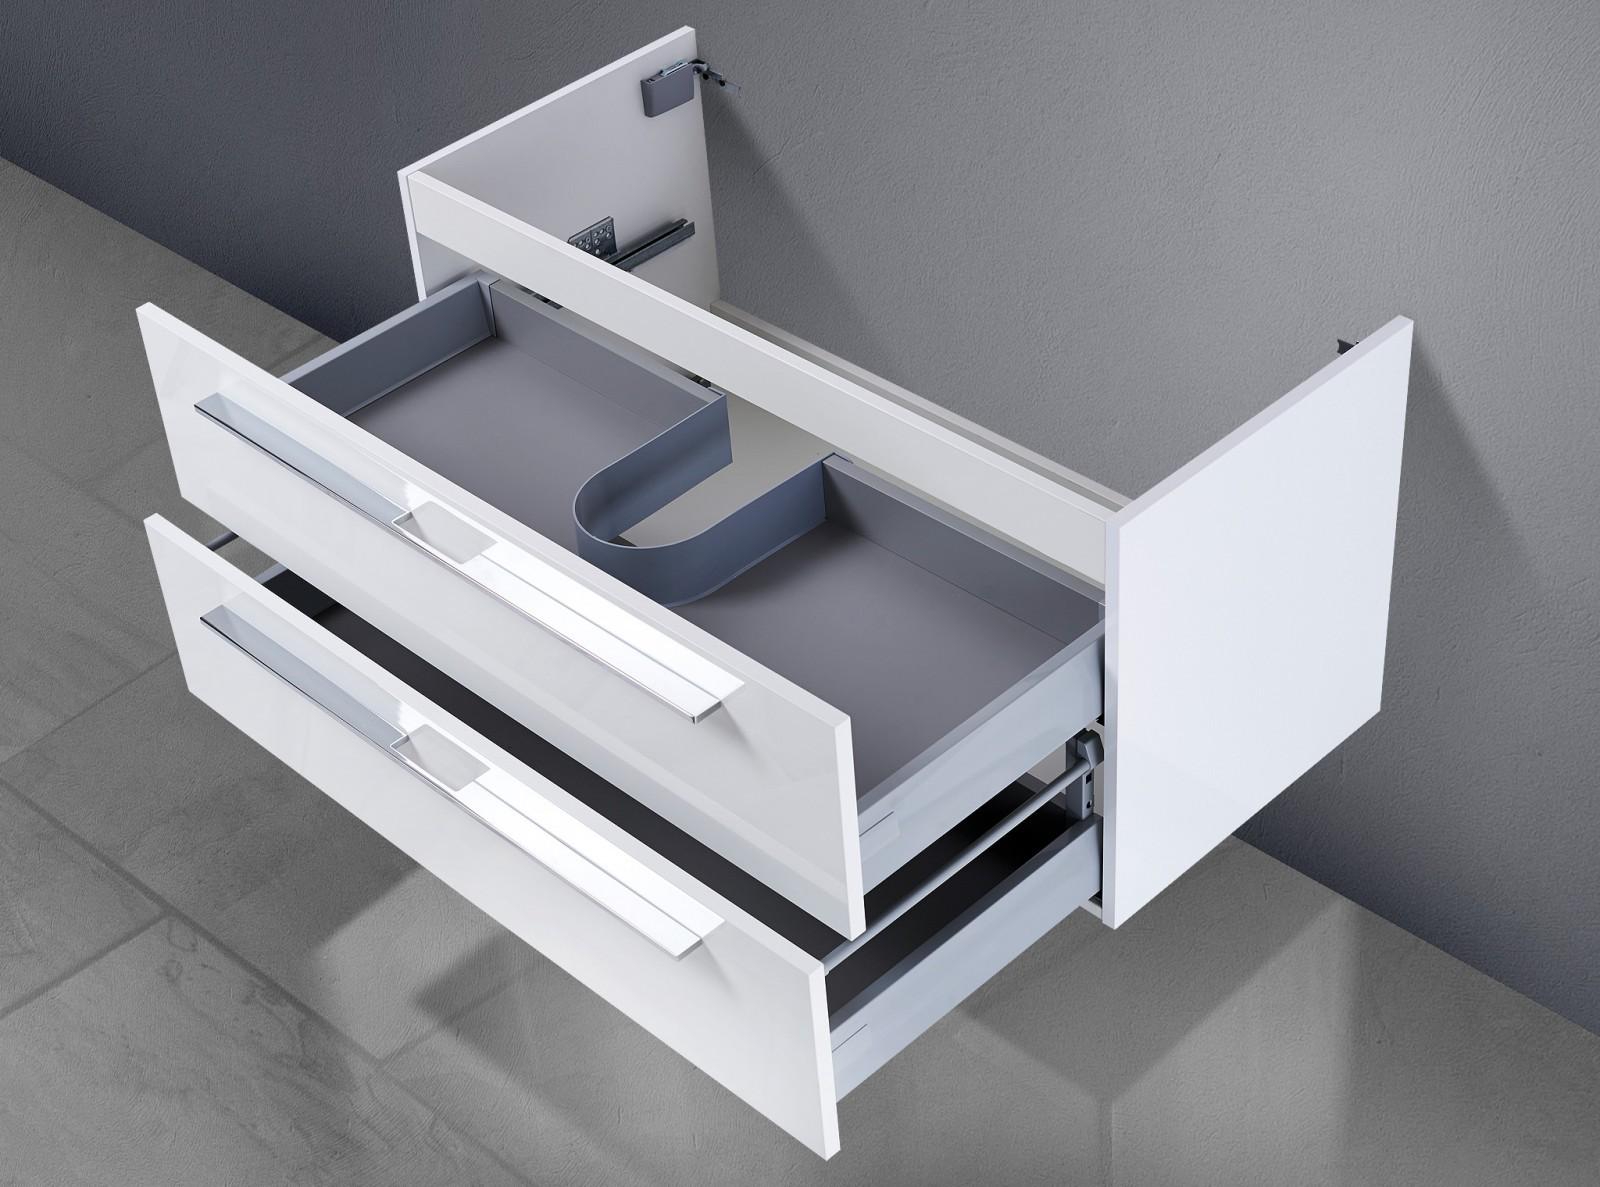 waschtisch mit unterschrank montieren eckventil waschmaschine. Black Bedroom Furniture Sets. Home Design Ideas